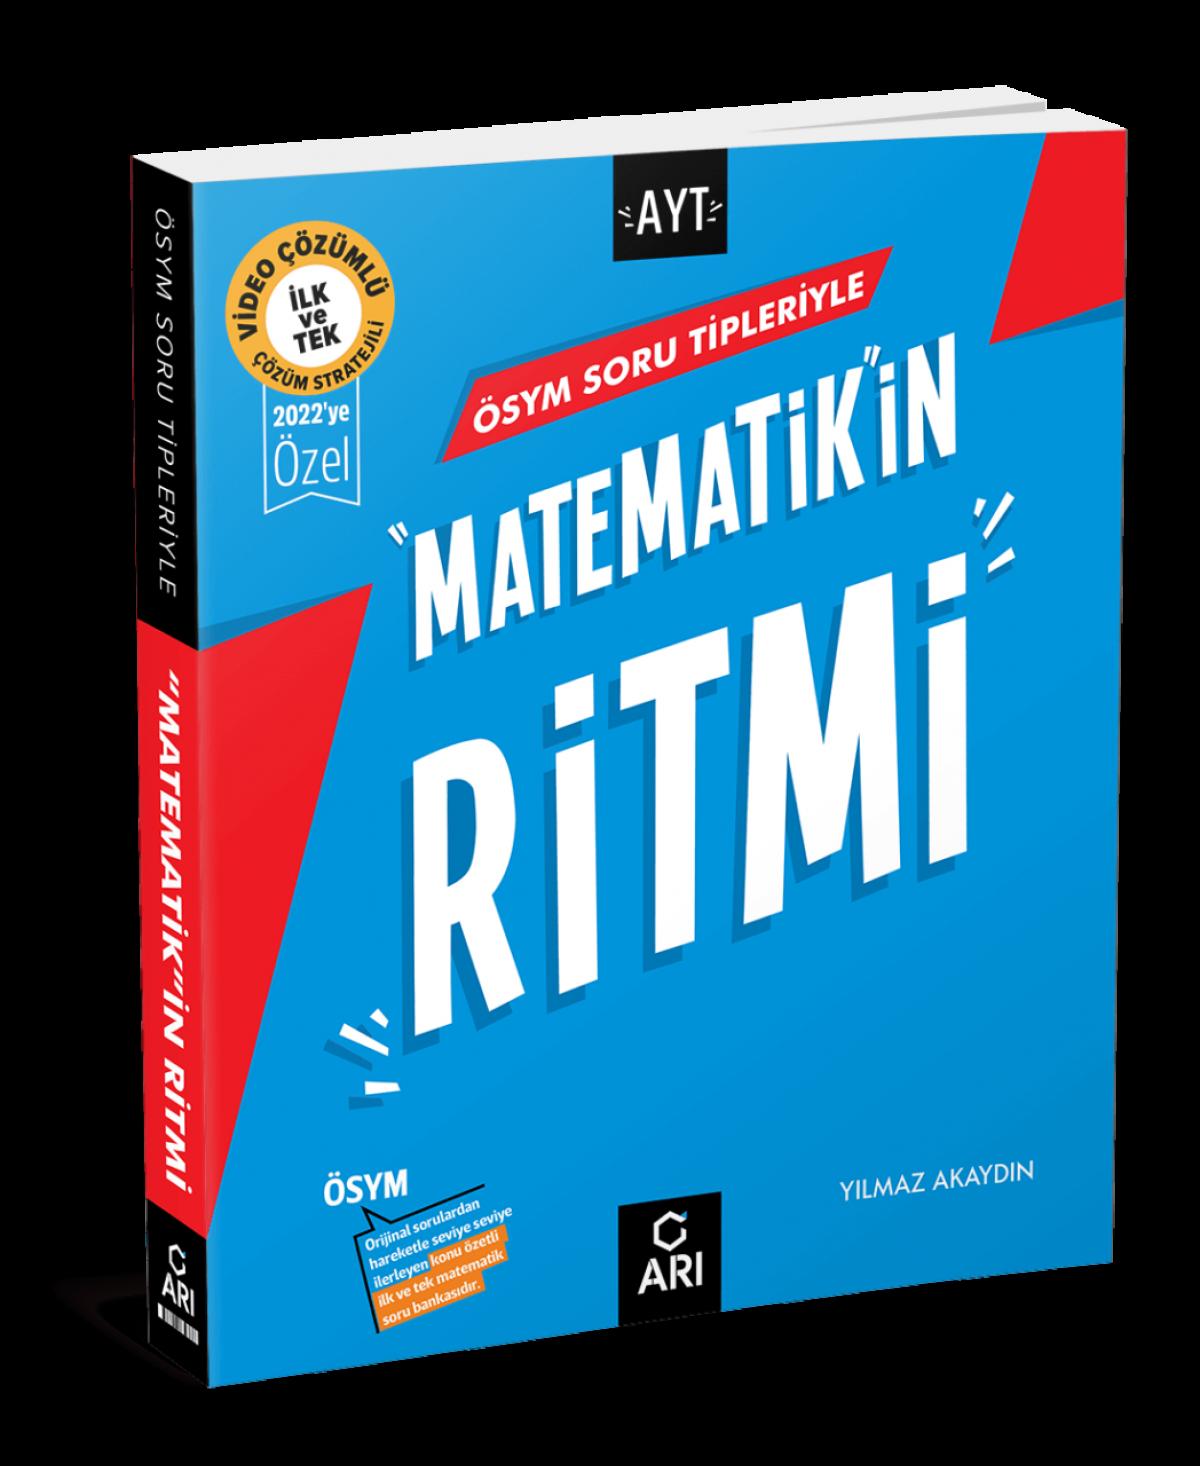 Arı Yayınları Ayt Matematiğin Ritmi